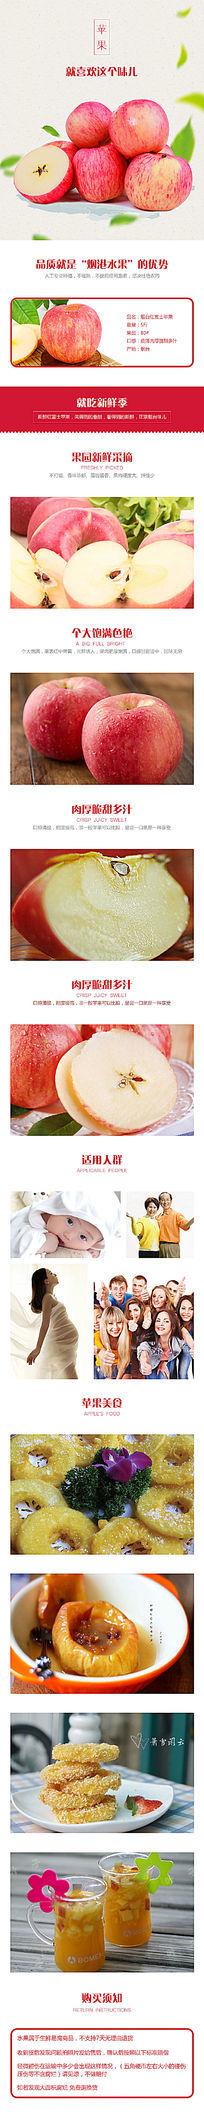 淘宝天猫苹果详情页设计 PSD